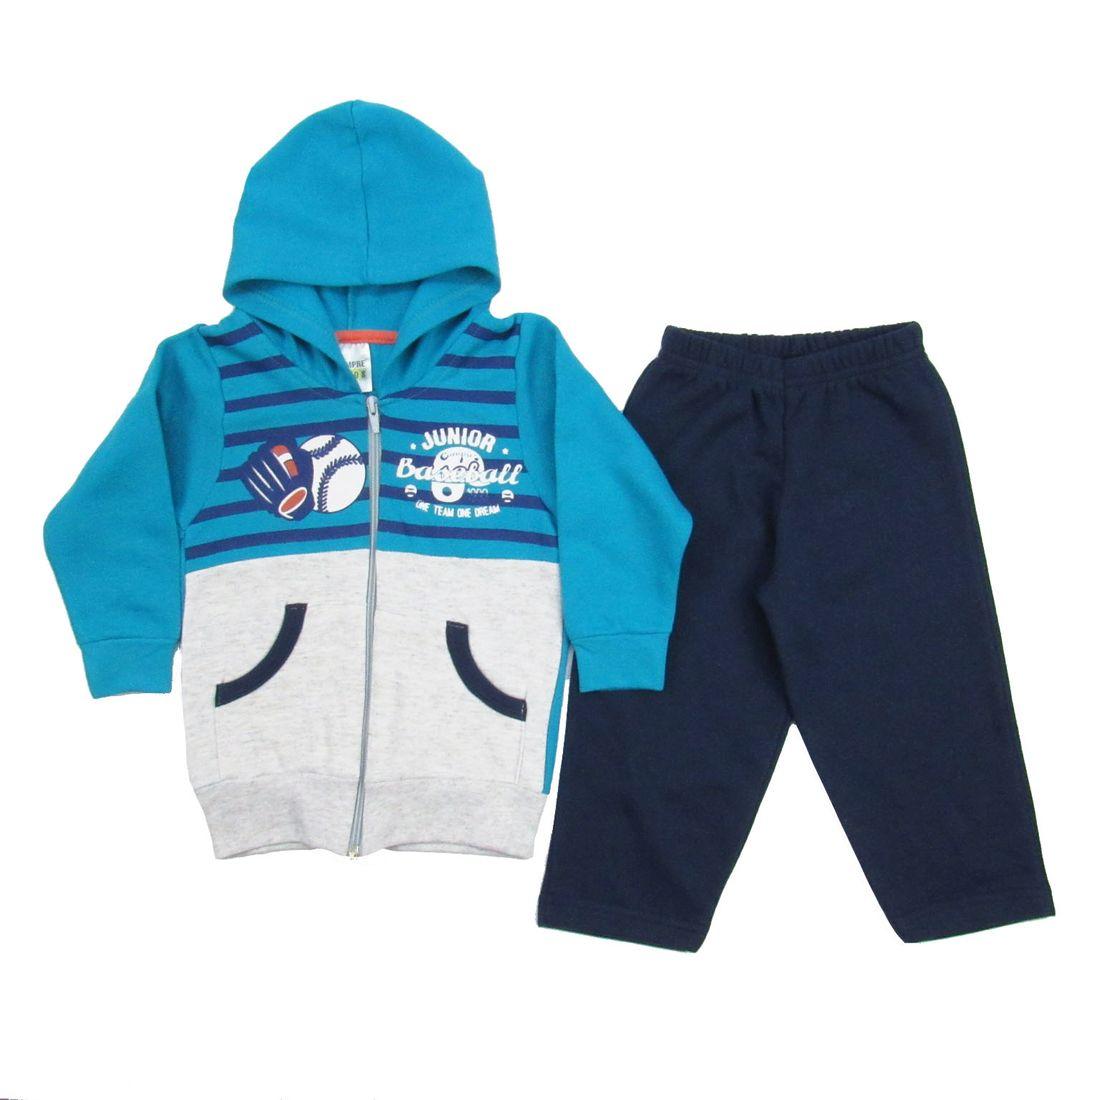 Conjunto Bebê Masculino Inverno Moletom com Capuz Azul Turquesa e ... 9ce80503bbe72